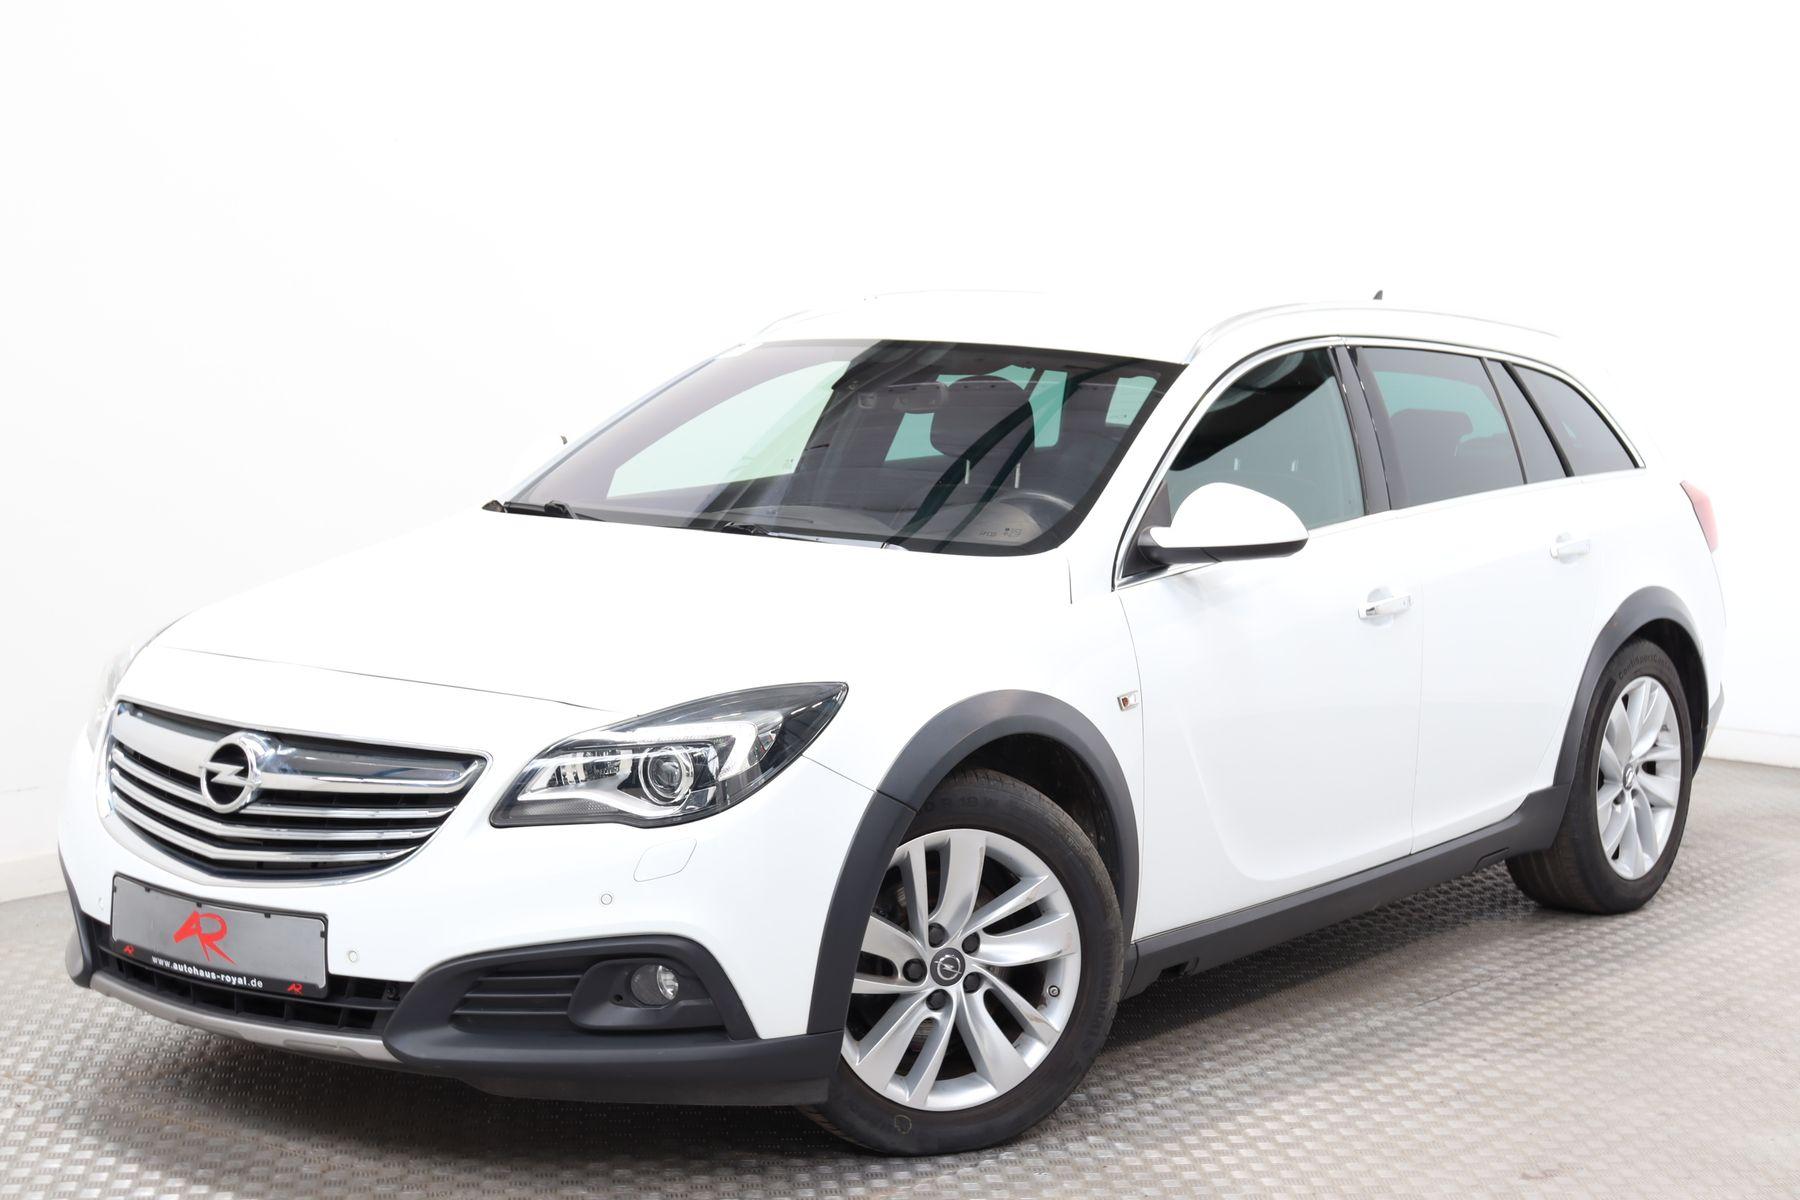 Opel Insignia CT 2.0 CDTI OPC LINE KAMERA,KEYLESS,SH, Jahr 2015, Diesel